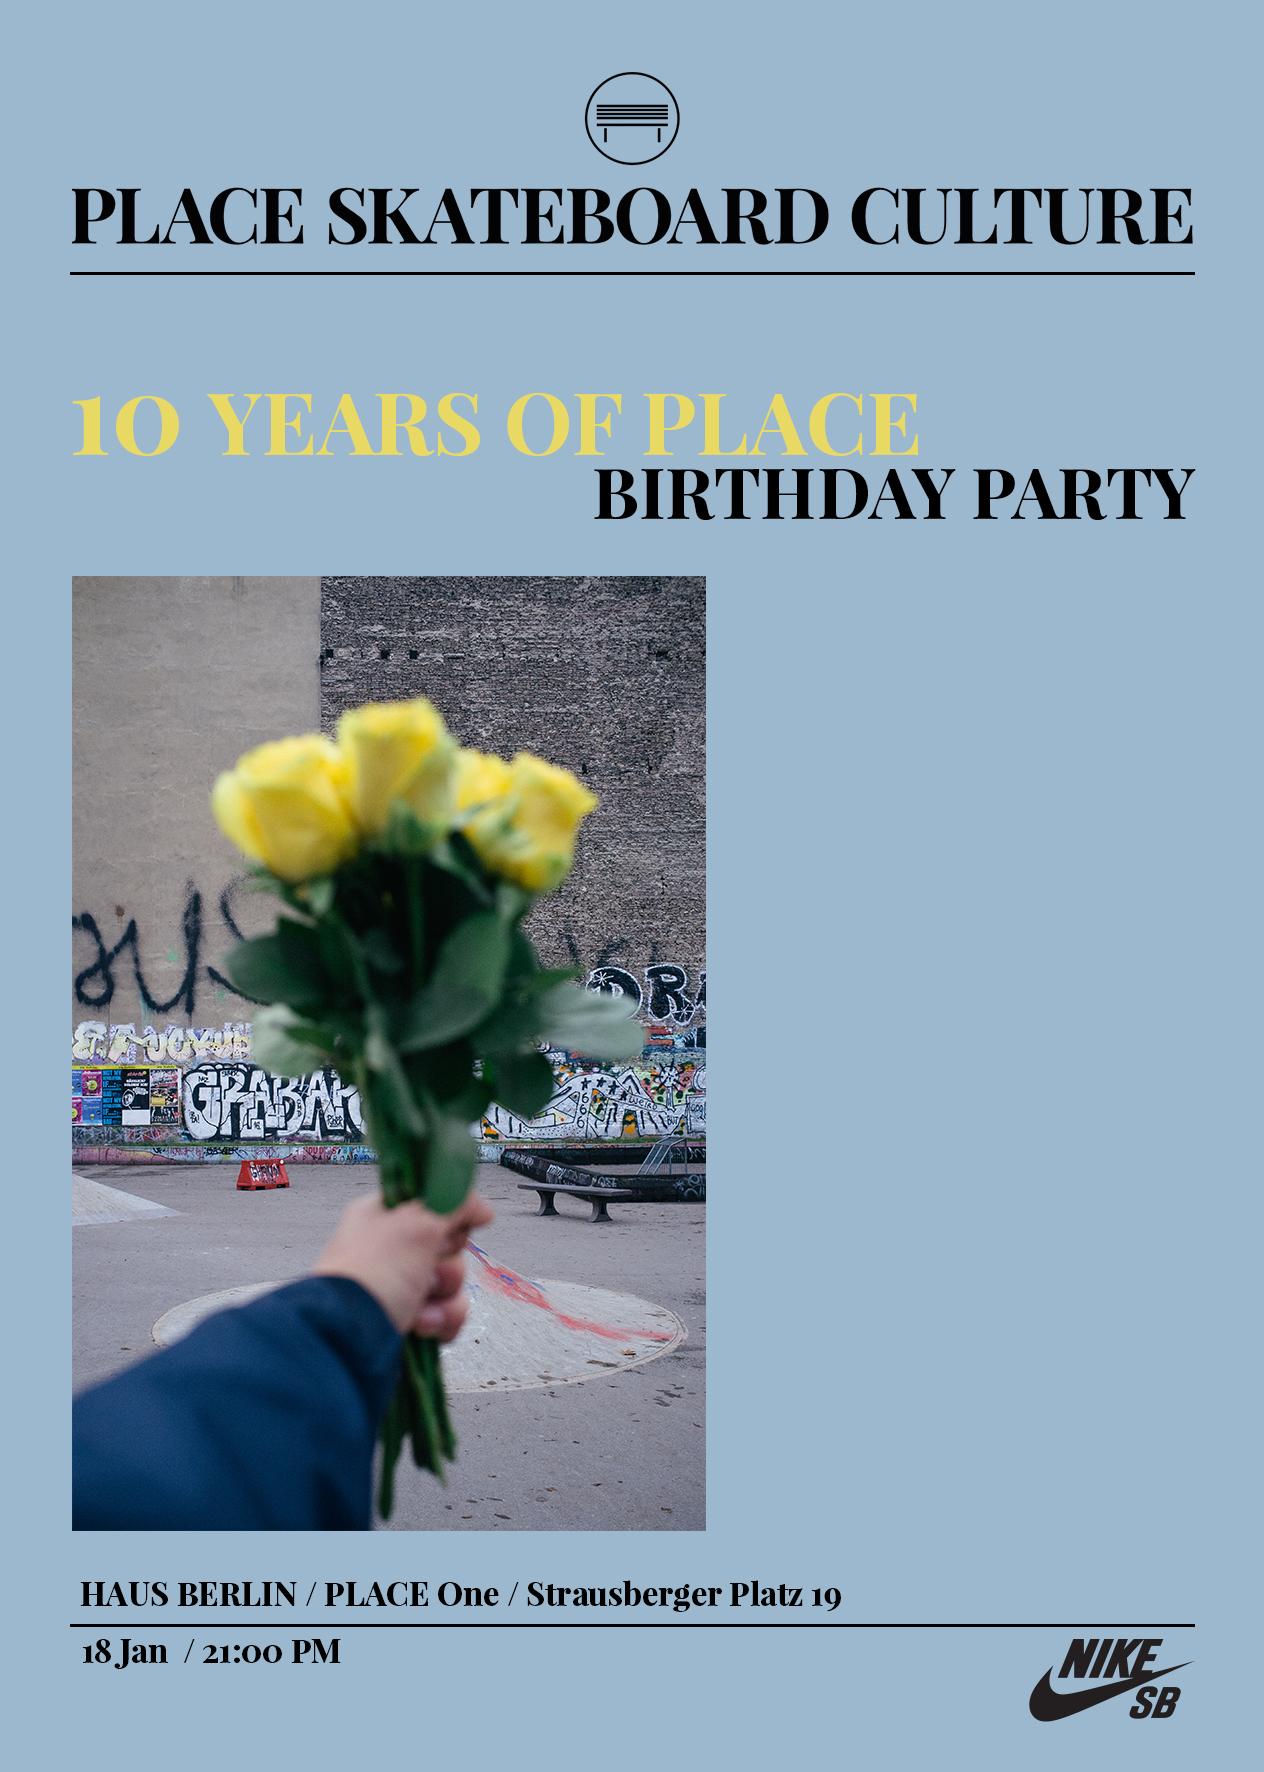 hochkant birthday